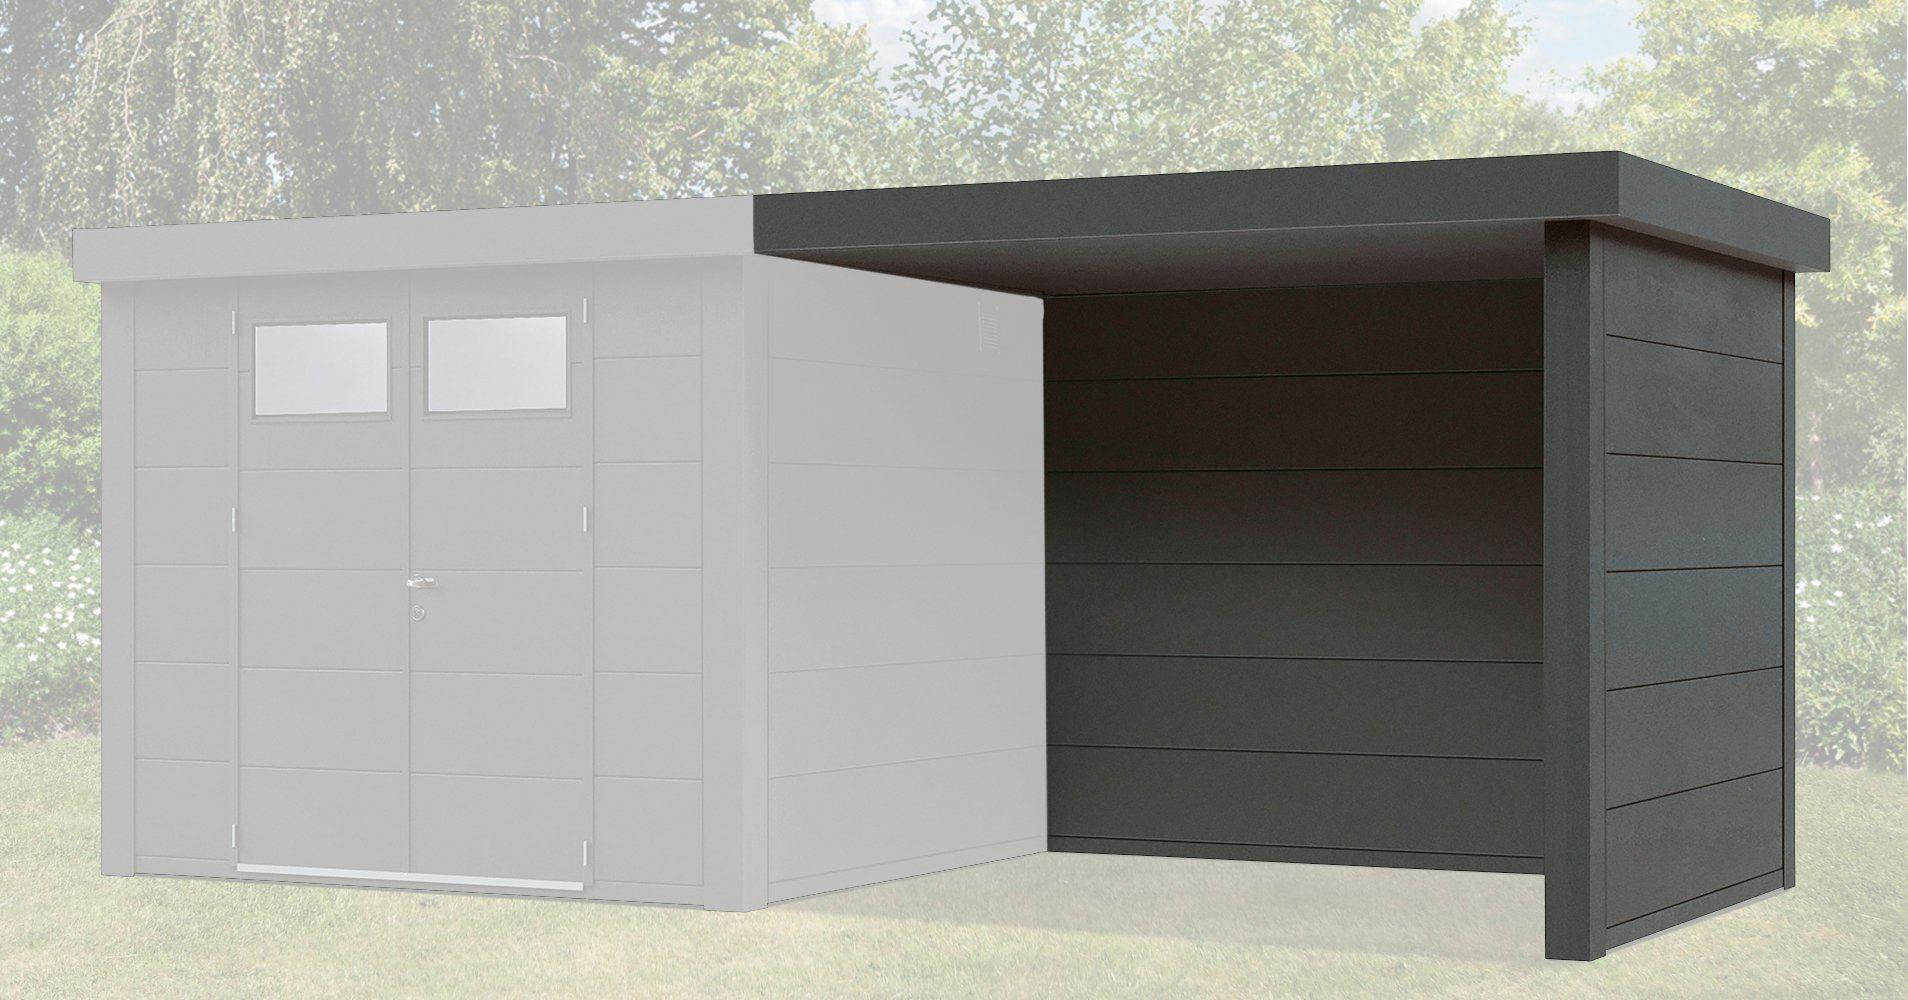 WOLFF Anbau »Lounge anthrazit«, für Stahlgerätehaus »Eleganto 2424« und »Eleganto 3024« | Garten > Gerätehäuser | Wolff